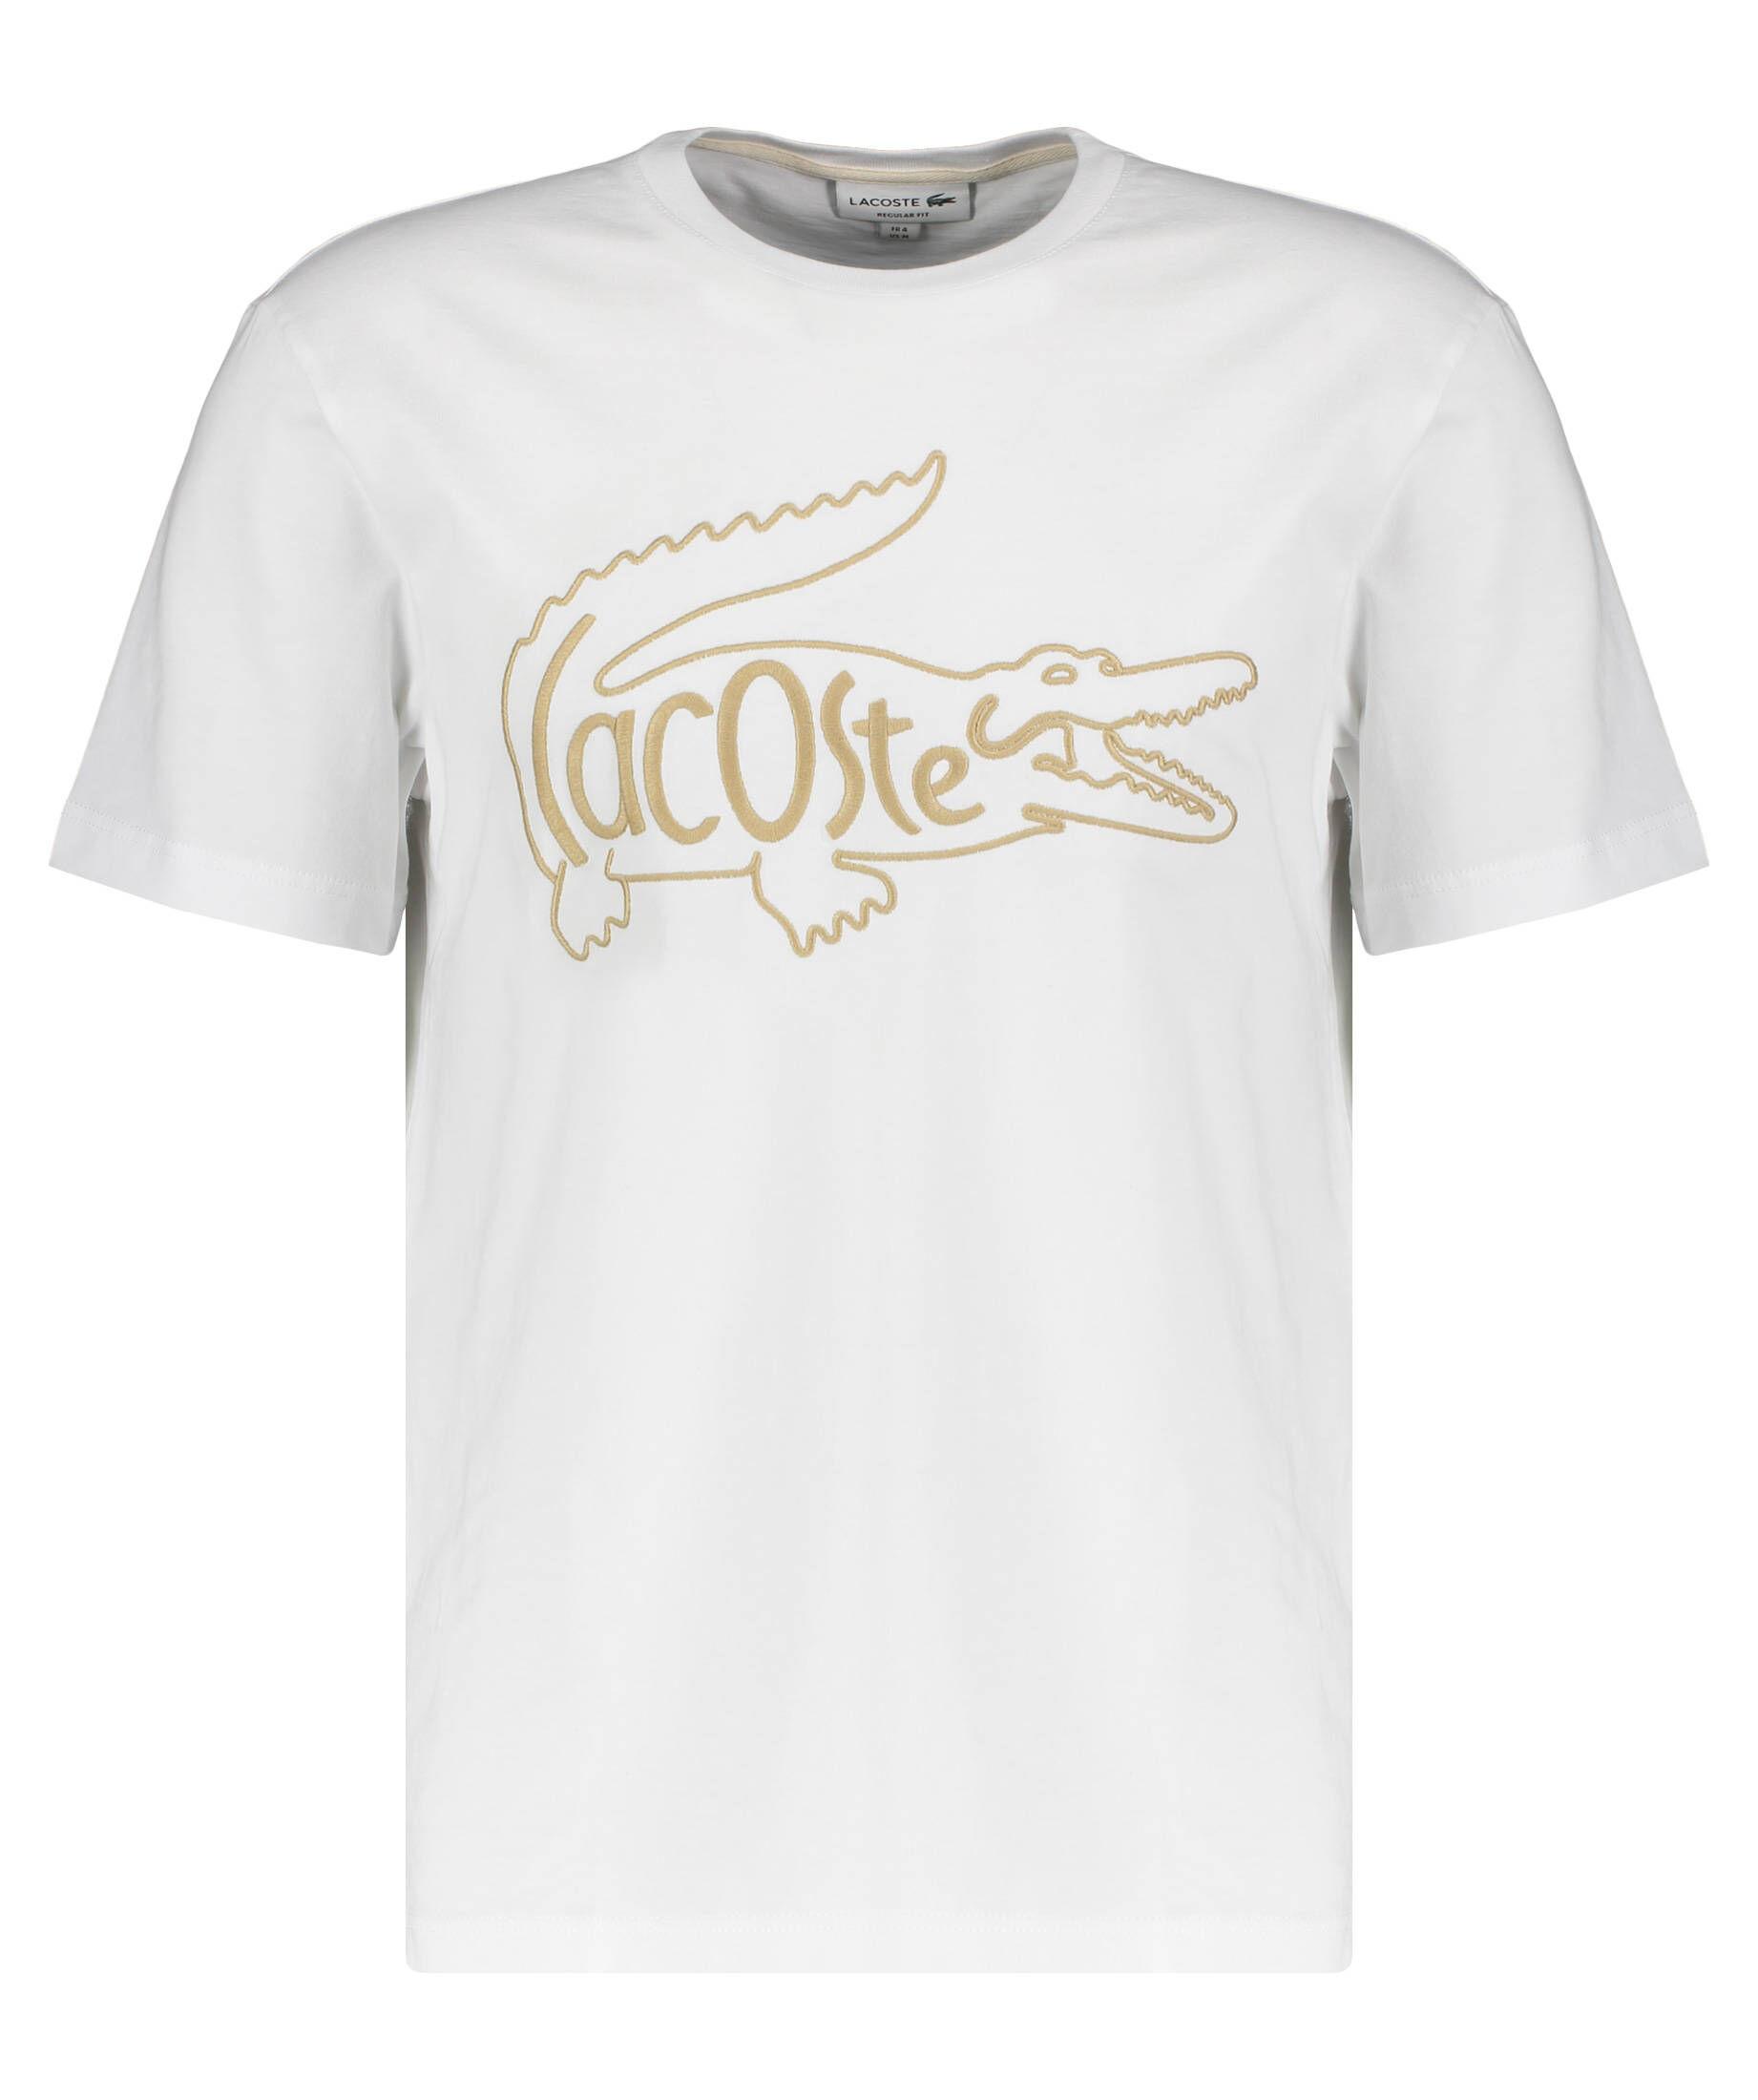 Lacoste Herren T Shirt